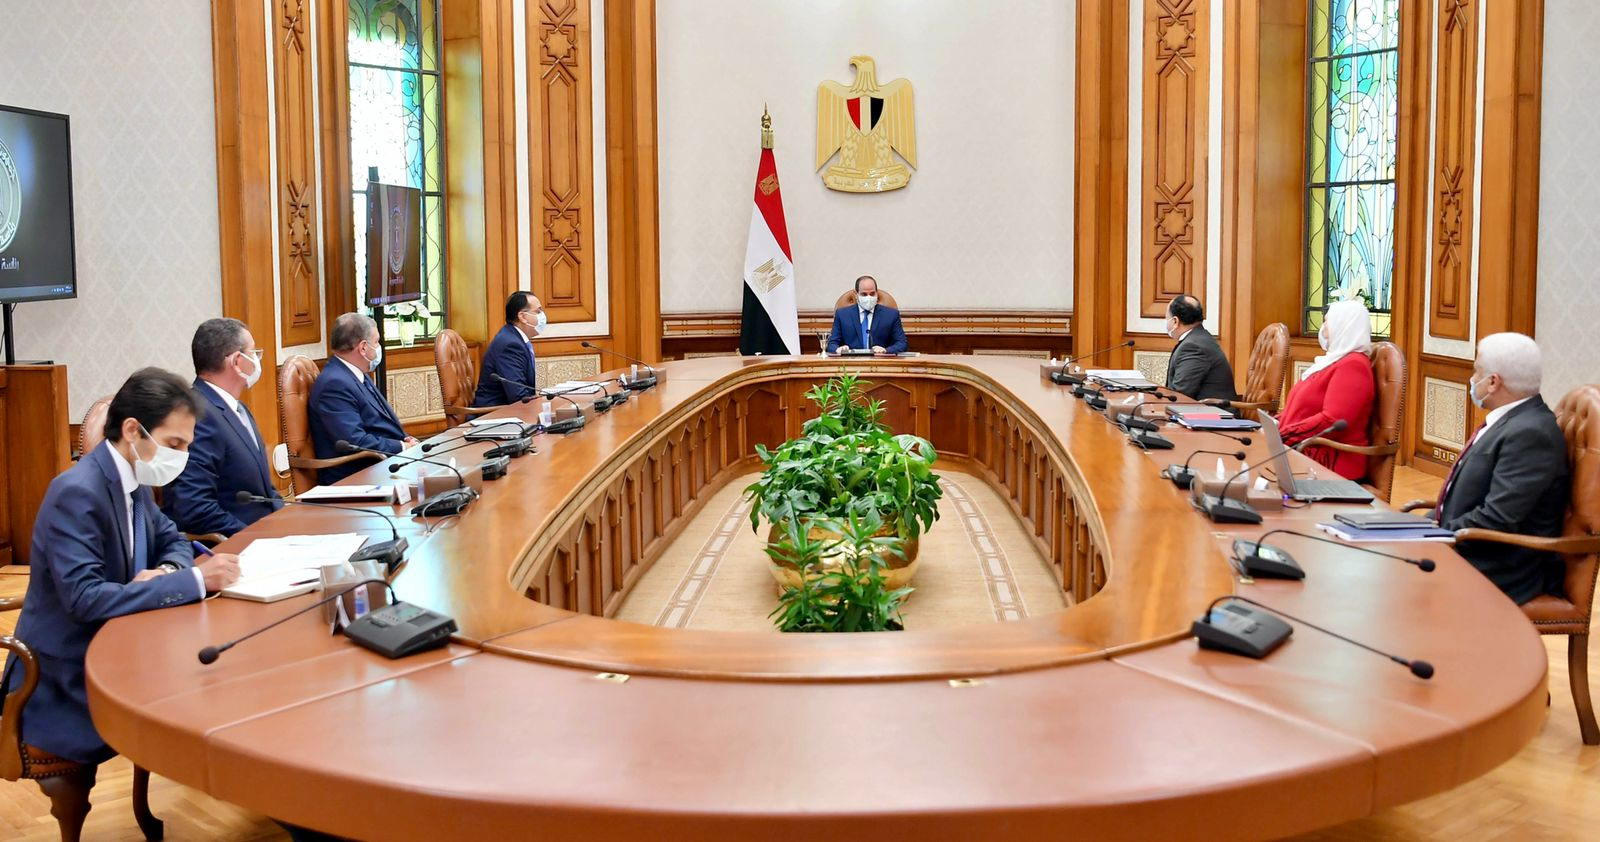 الرئيس السيسي يطلع على جهود تطوير منظومة دعم وحماية الفنانين ومحاور تحسين معاشات أعضاء النقابات الفنية